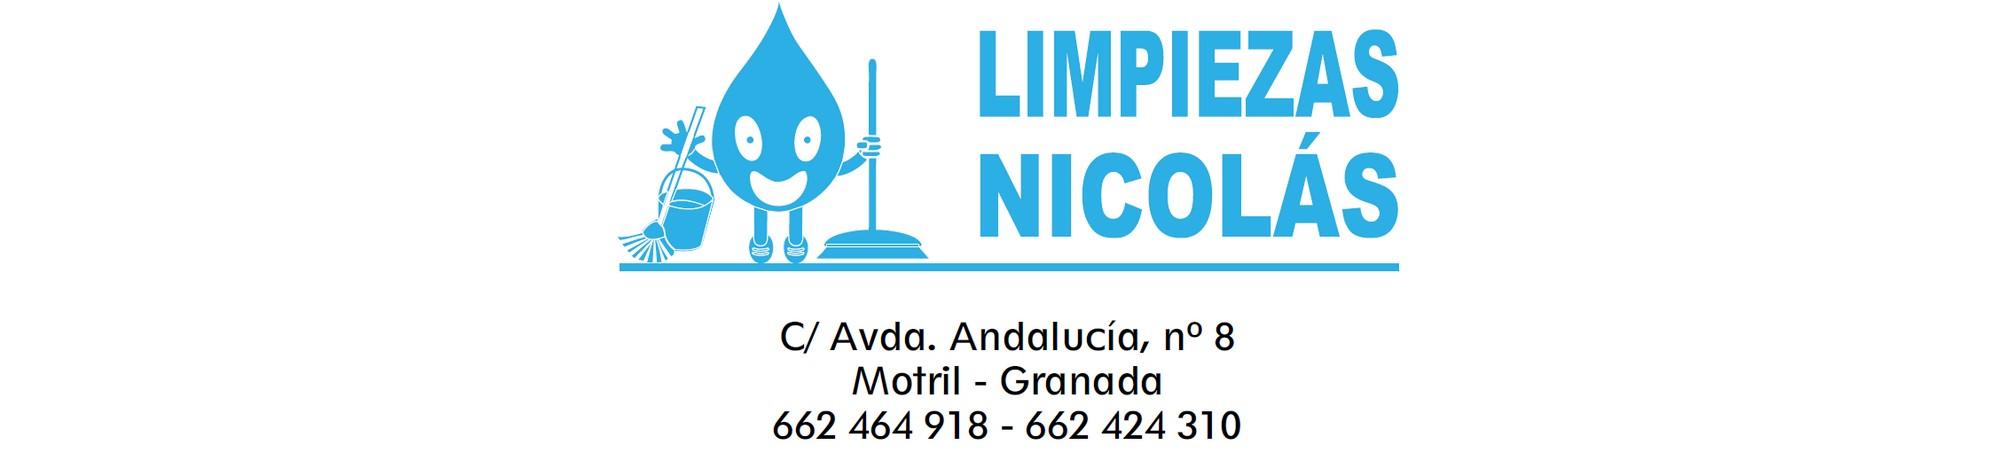 limpiezas nicolas en motril, limpiezas nicolas motril, empresas de limpieza motril, nicolas motril